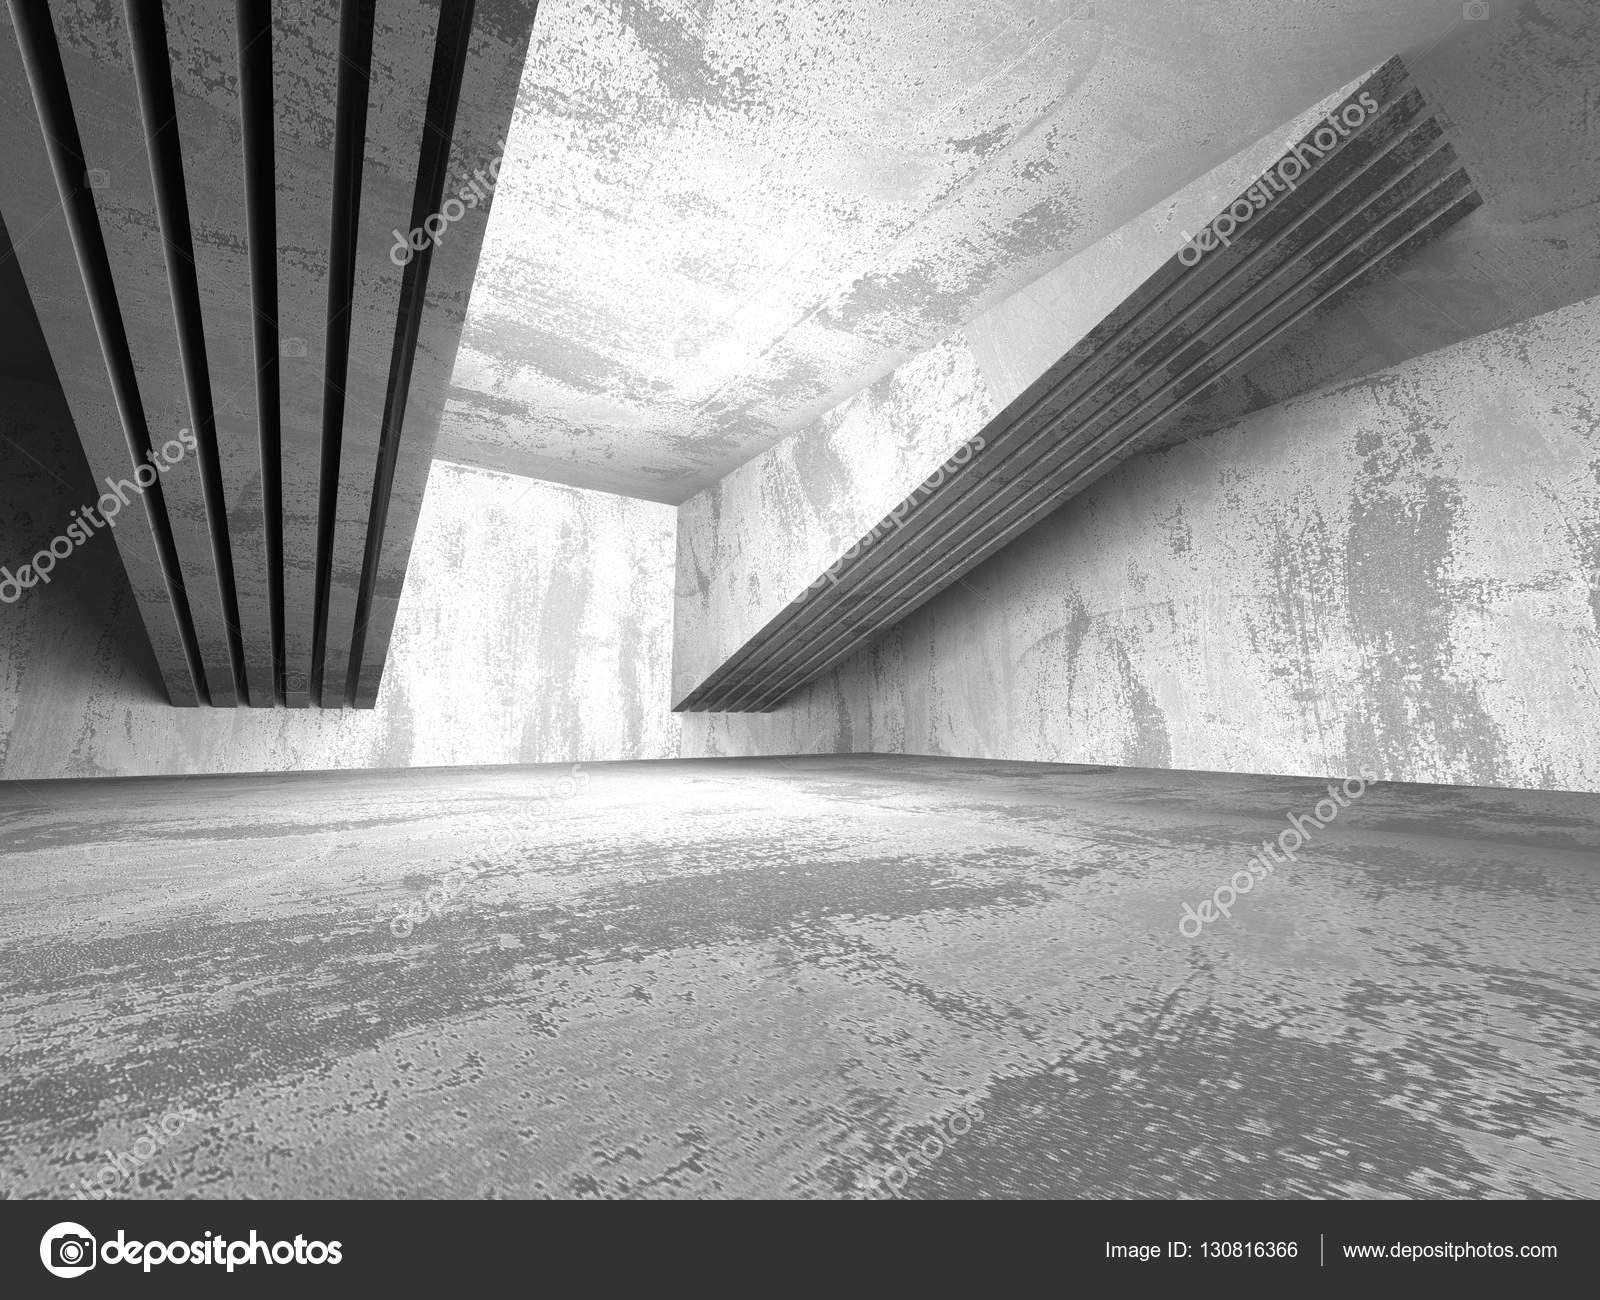 Abstrakte Dunklen Raum Mit Betonwänden Stockfoto Versusstudio